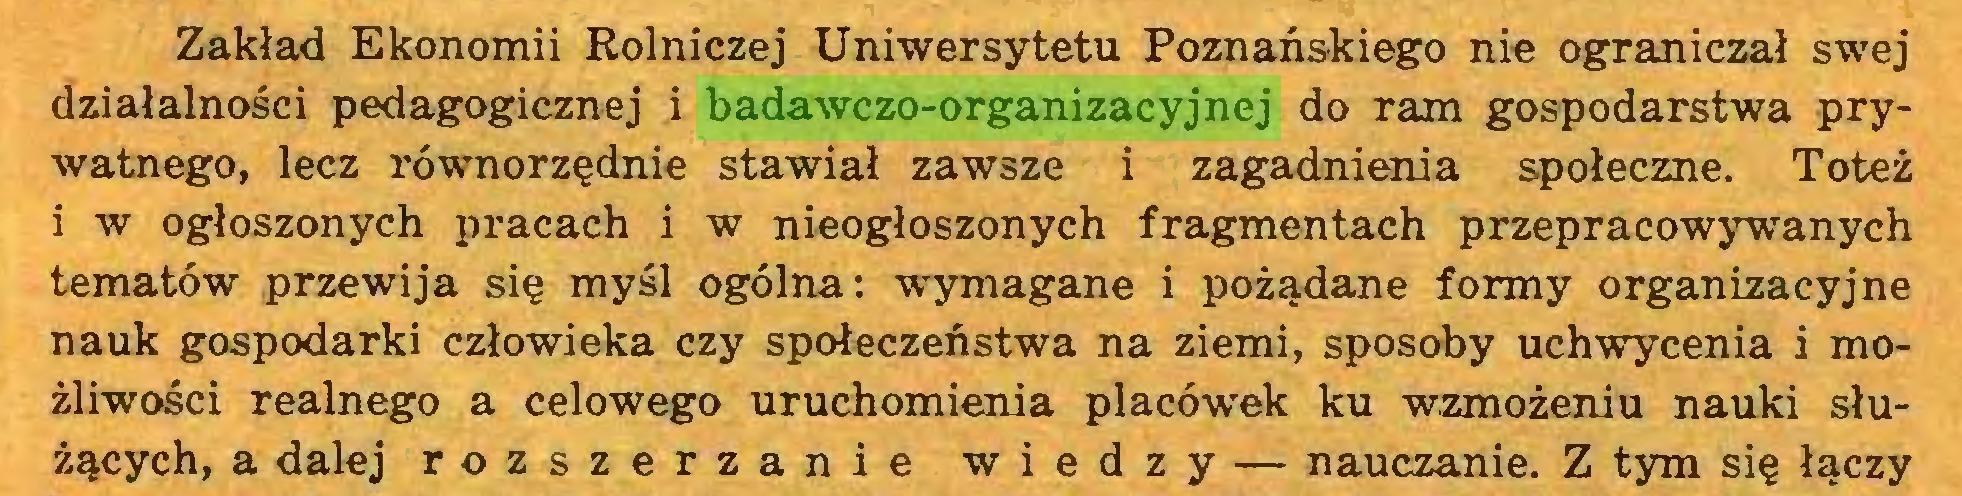 (...) Zakład Ekonomii Rolniczej Uniwersytetu Poznańskiego nie ograniczał swej działalności pedagogicznej i badawczo-organizacyjnej do ram gospodarstwa prywatnego, lecz równorzędnie stawiał zawsze i zagadnienia społeczne. Toteż i w ogłoszonych pracach i w nieogłoszonych fragmentach przepracowywanych tematów przewija się myśl ogólna: wymagane i pożądane formy organizacyjne nauk gospodarki człowieka czy społeczeństwa na ziemi, sposoby uchwycenia i możliwości realnego a celowego uruchomienia placówek ku wzmożeniu nauki służących, a dalej rozszerzanie wiedzy — nauczanie. Z tym się łączy...